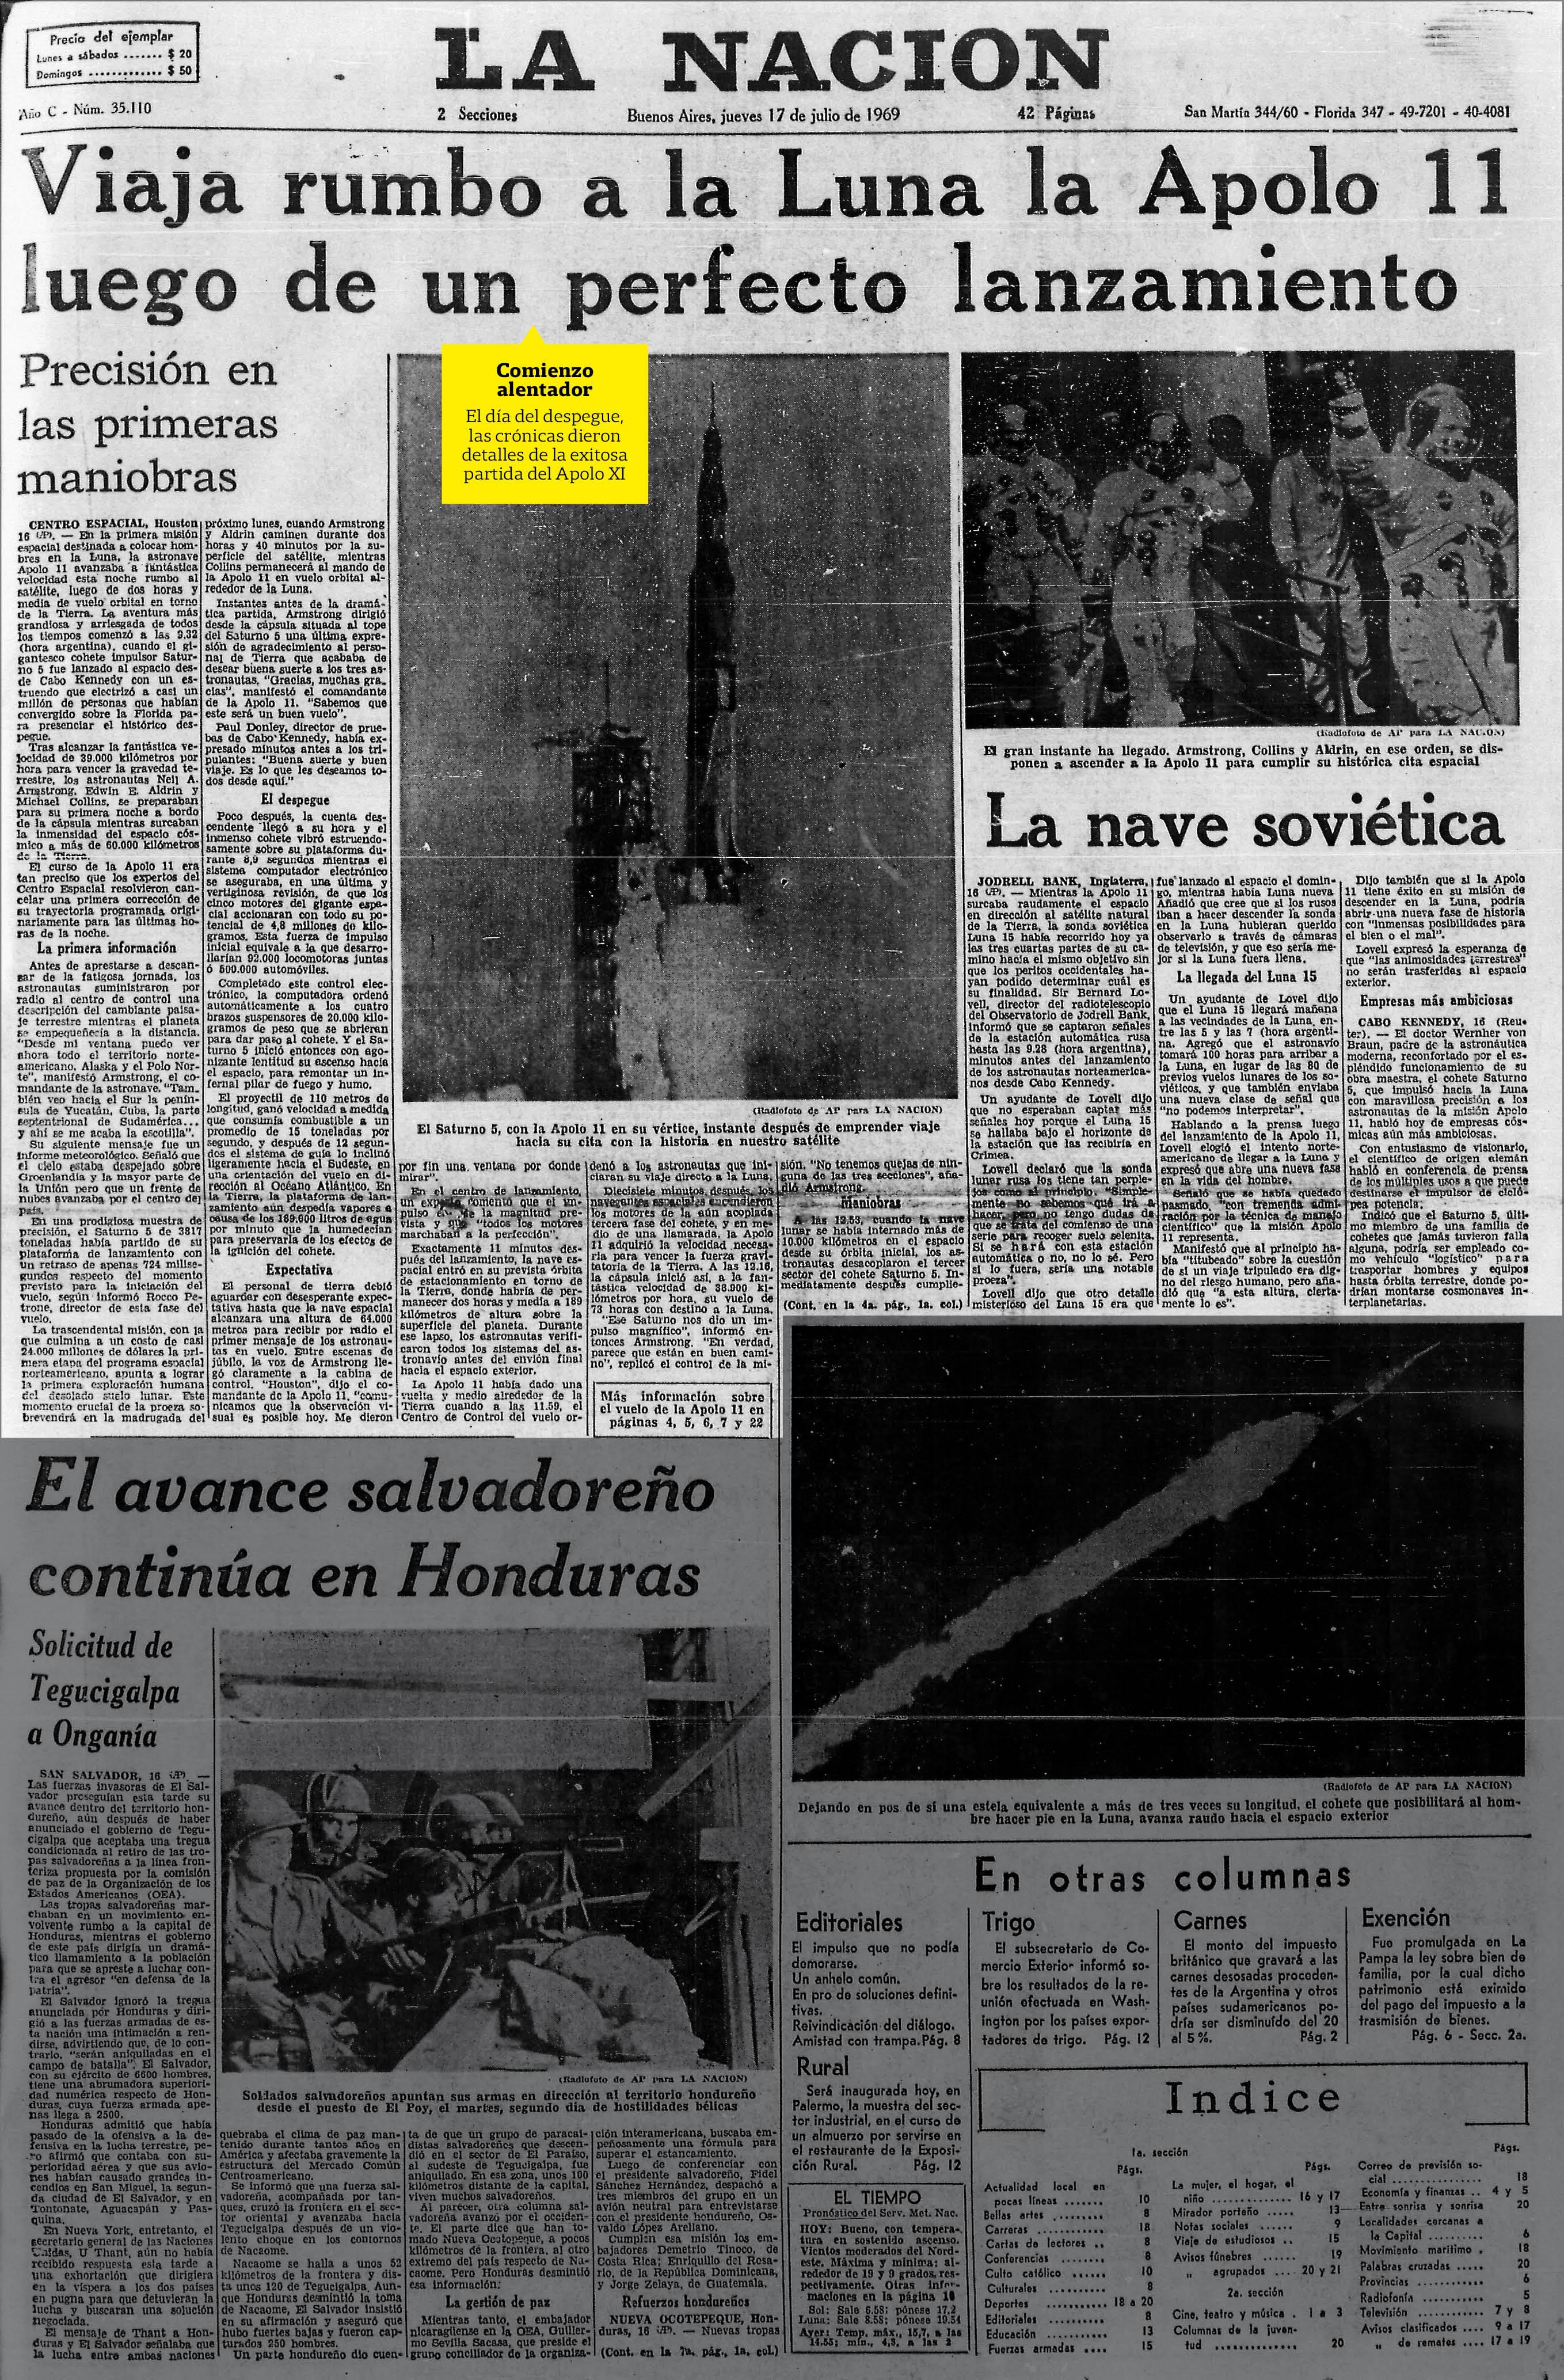 La decepción argentina: el despegue no se vio en TV, porque